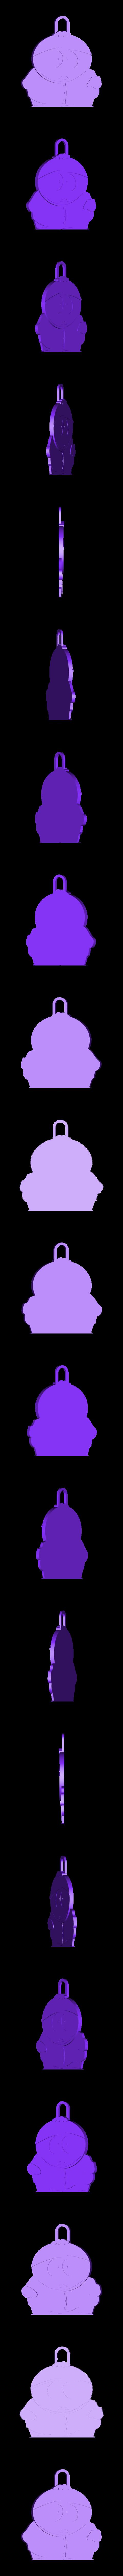 Cartman.stl Télécharger fichier STL gratuit Stan, Kyle, Kenny et Cartman - Personnages de South Park • Modèle à imprimer en 3D, ChaosCoreTech